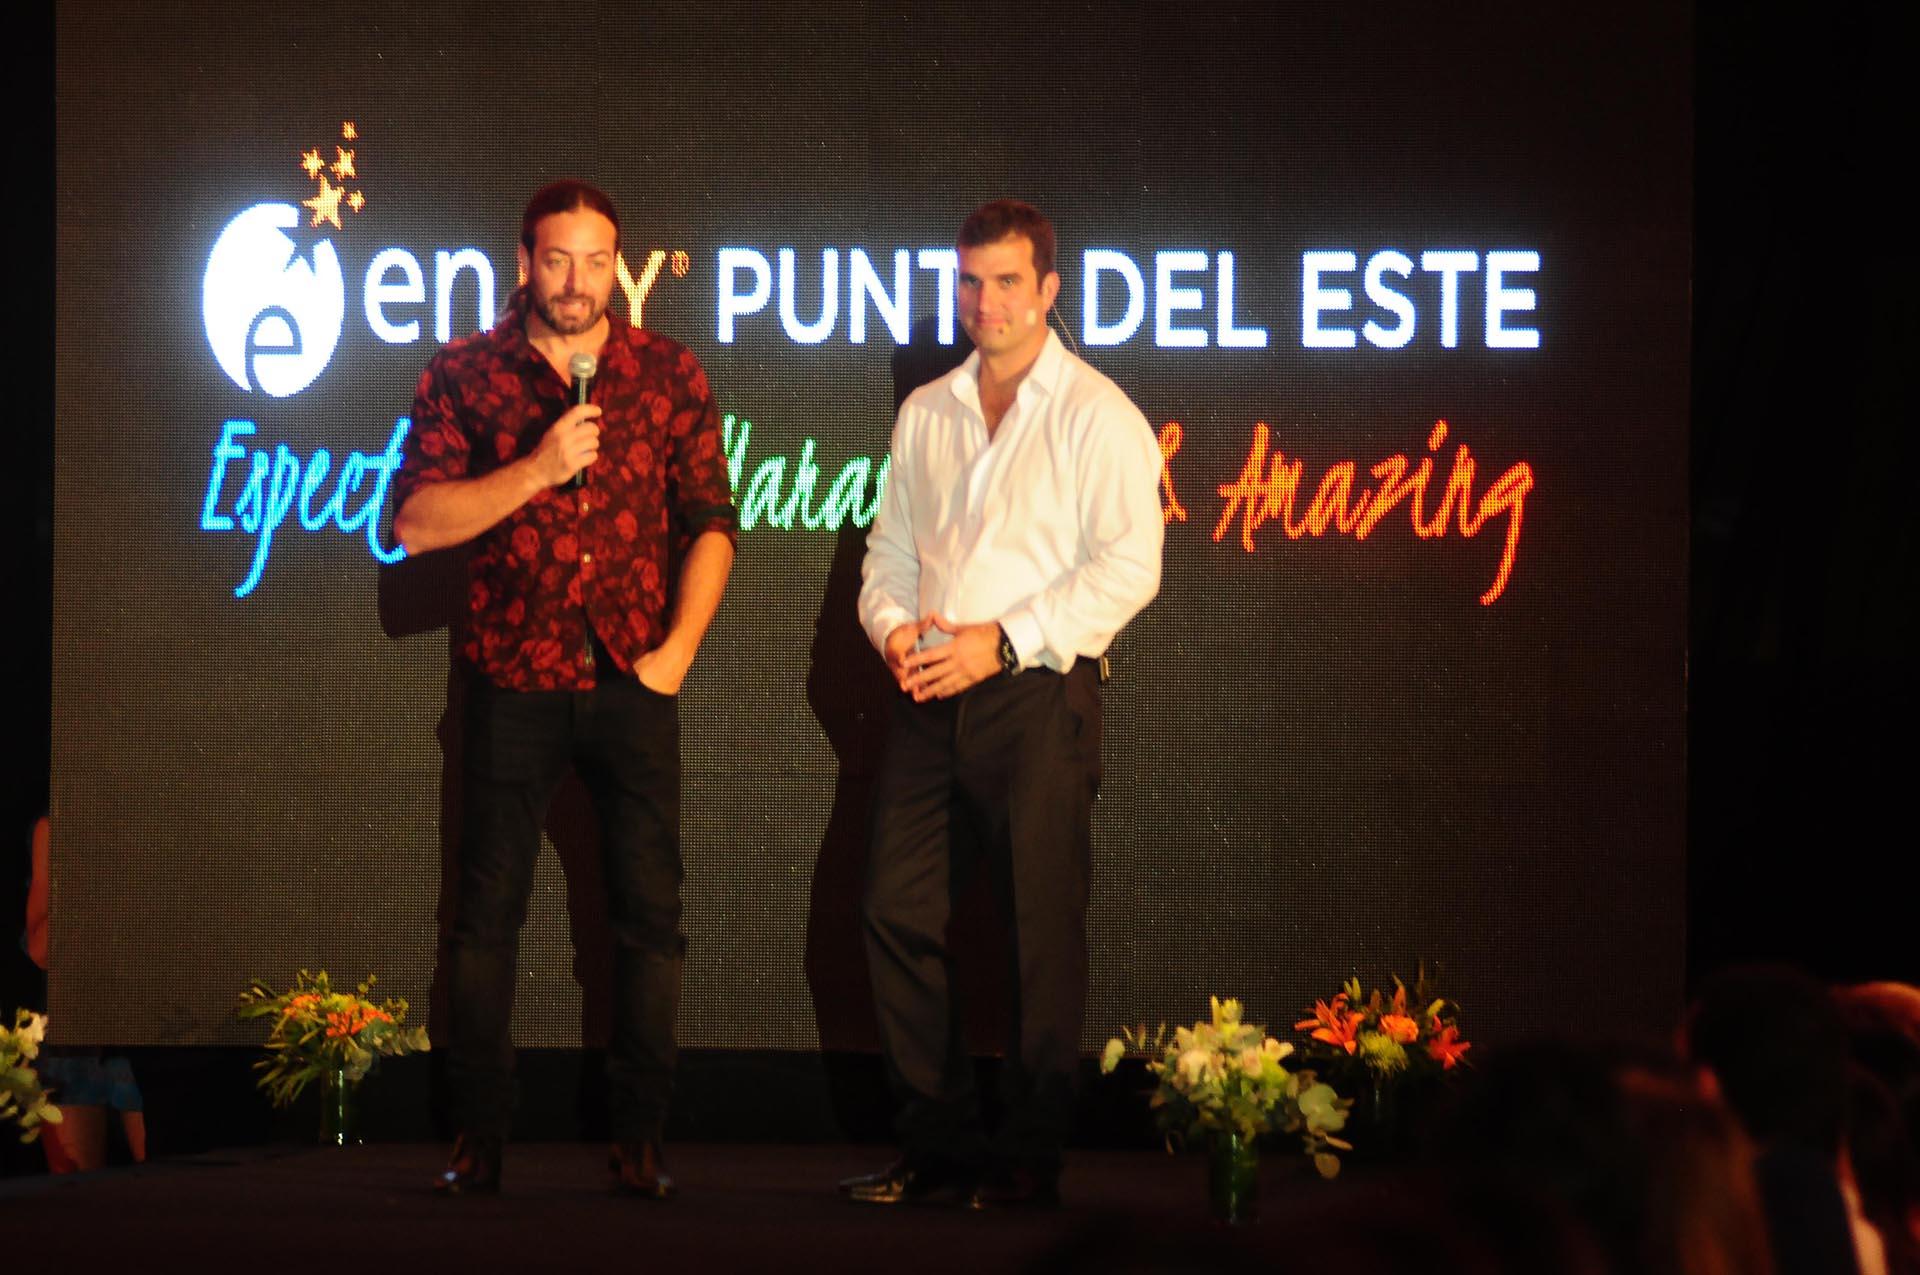 El desfile contó con la presencia del ex tenista chileno, Nicolás Massú (izquierda). En la foto, habla sobre la pasarela junto a Juan Eduardo Parker, gerente general de Enjoy Punta del este